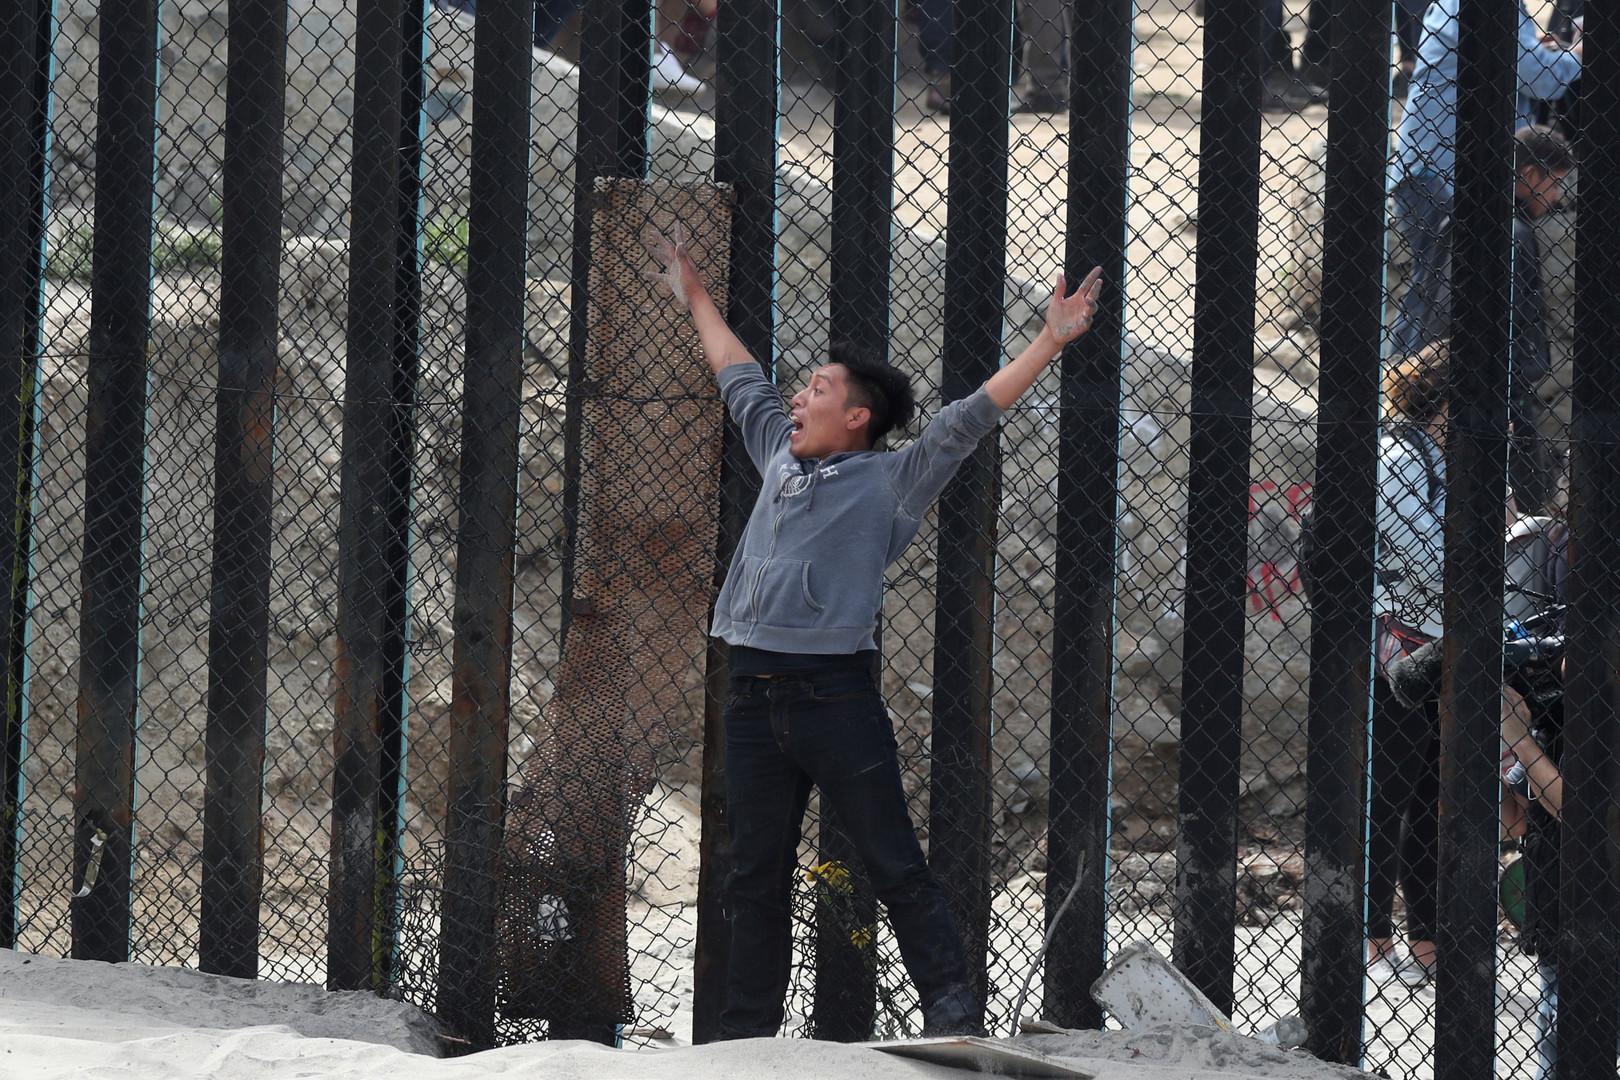 Ein Junge der Migranten-Karawane hat es in die USA geschafft, San Diego, USA, 29. April 2018.